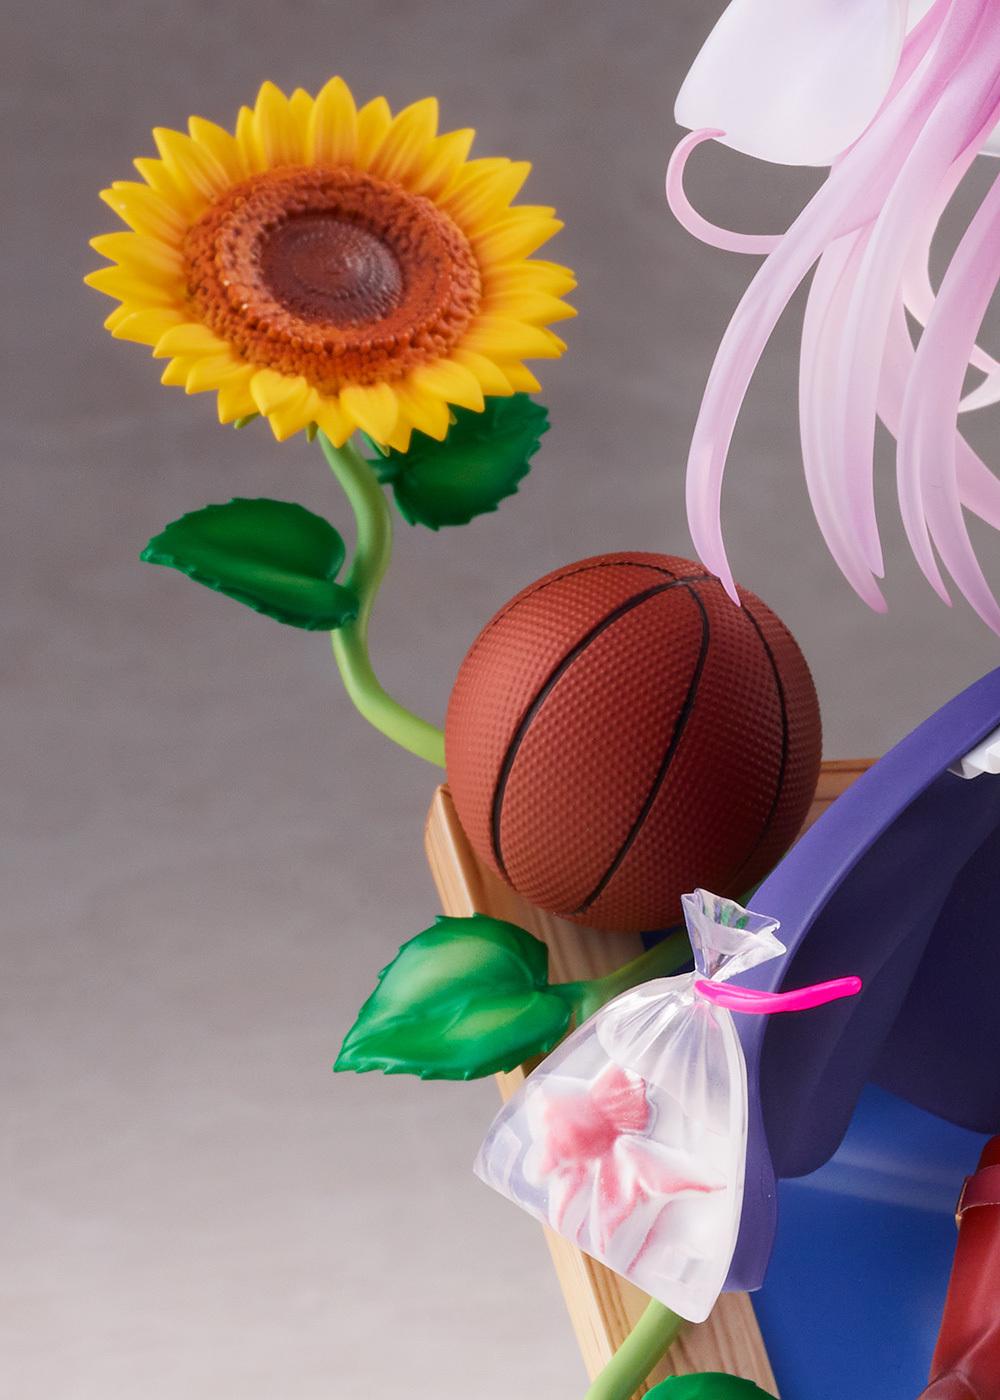 【手办】Aniplex《成神之日》佐藤雏~夏天的回忆~1/7比例手办-